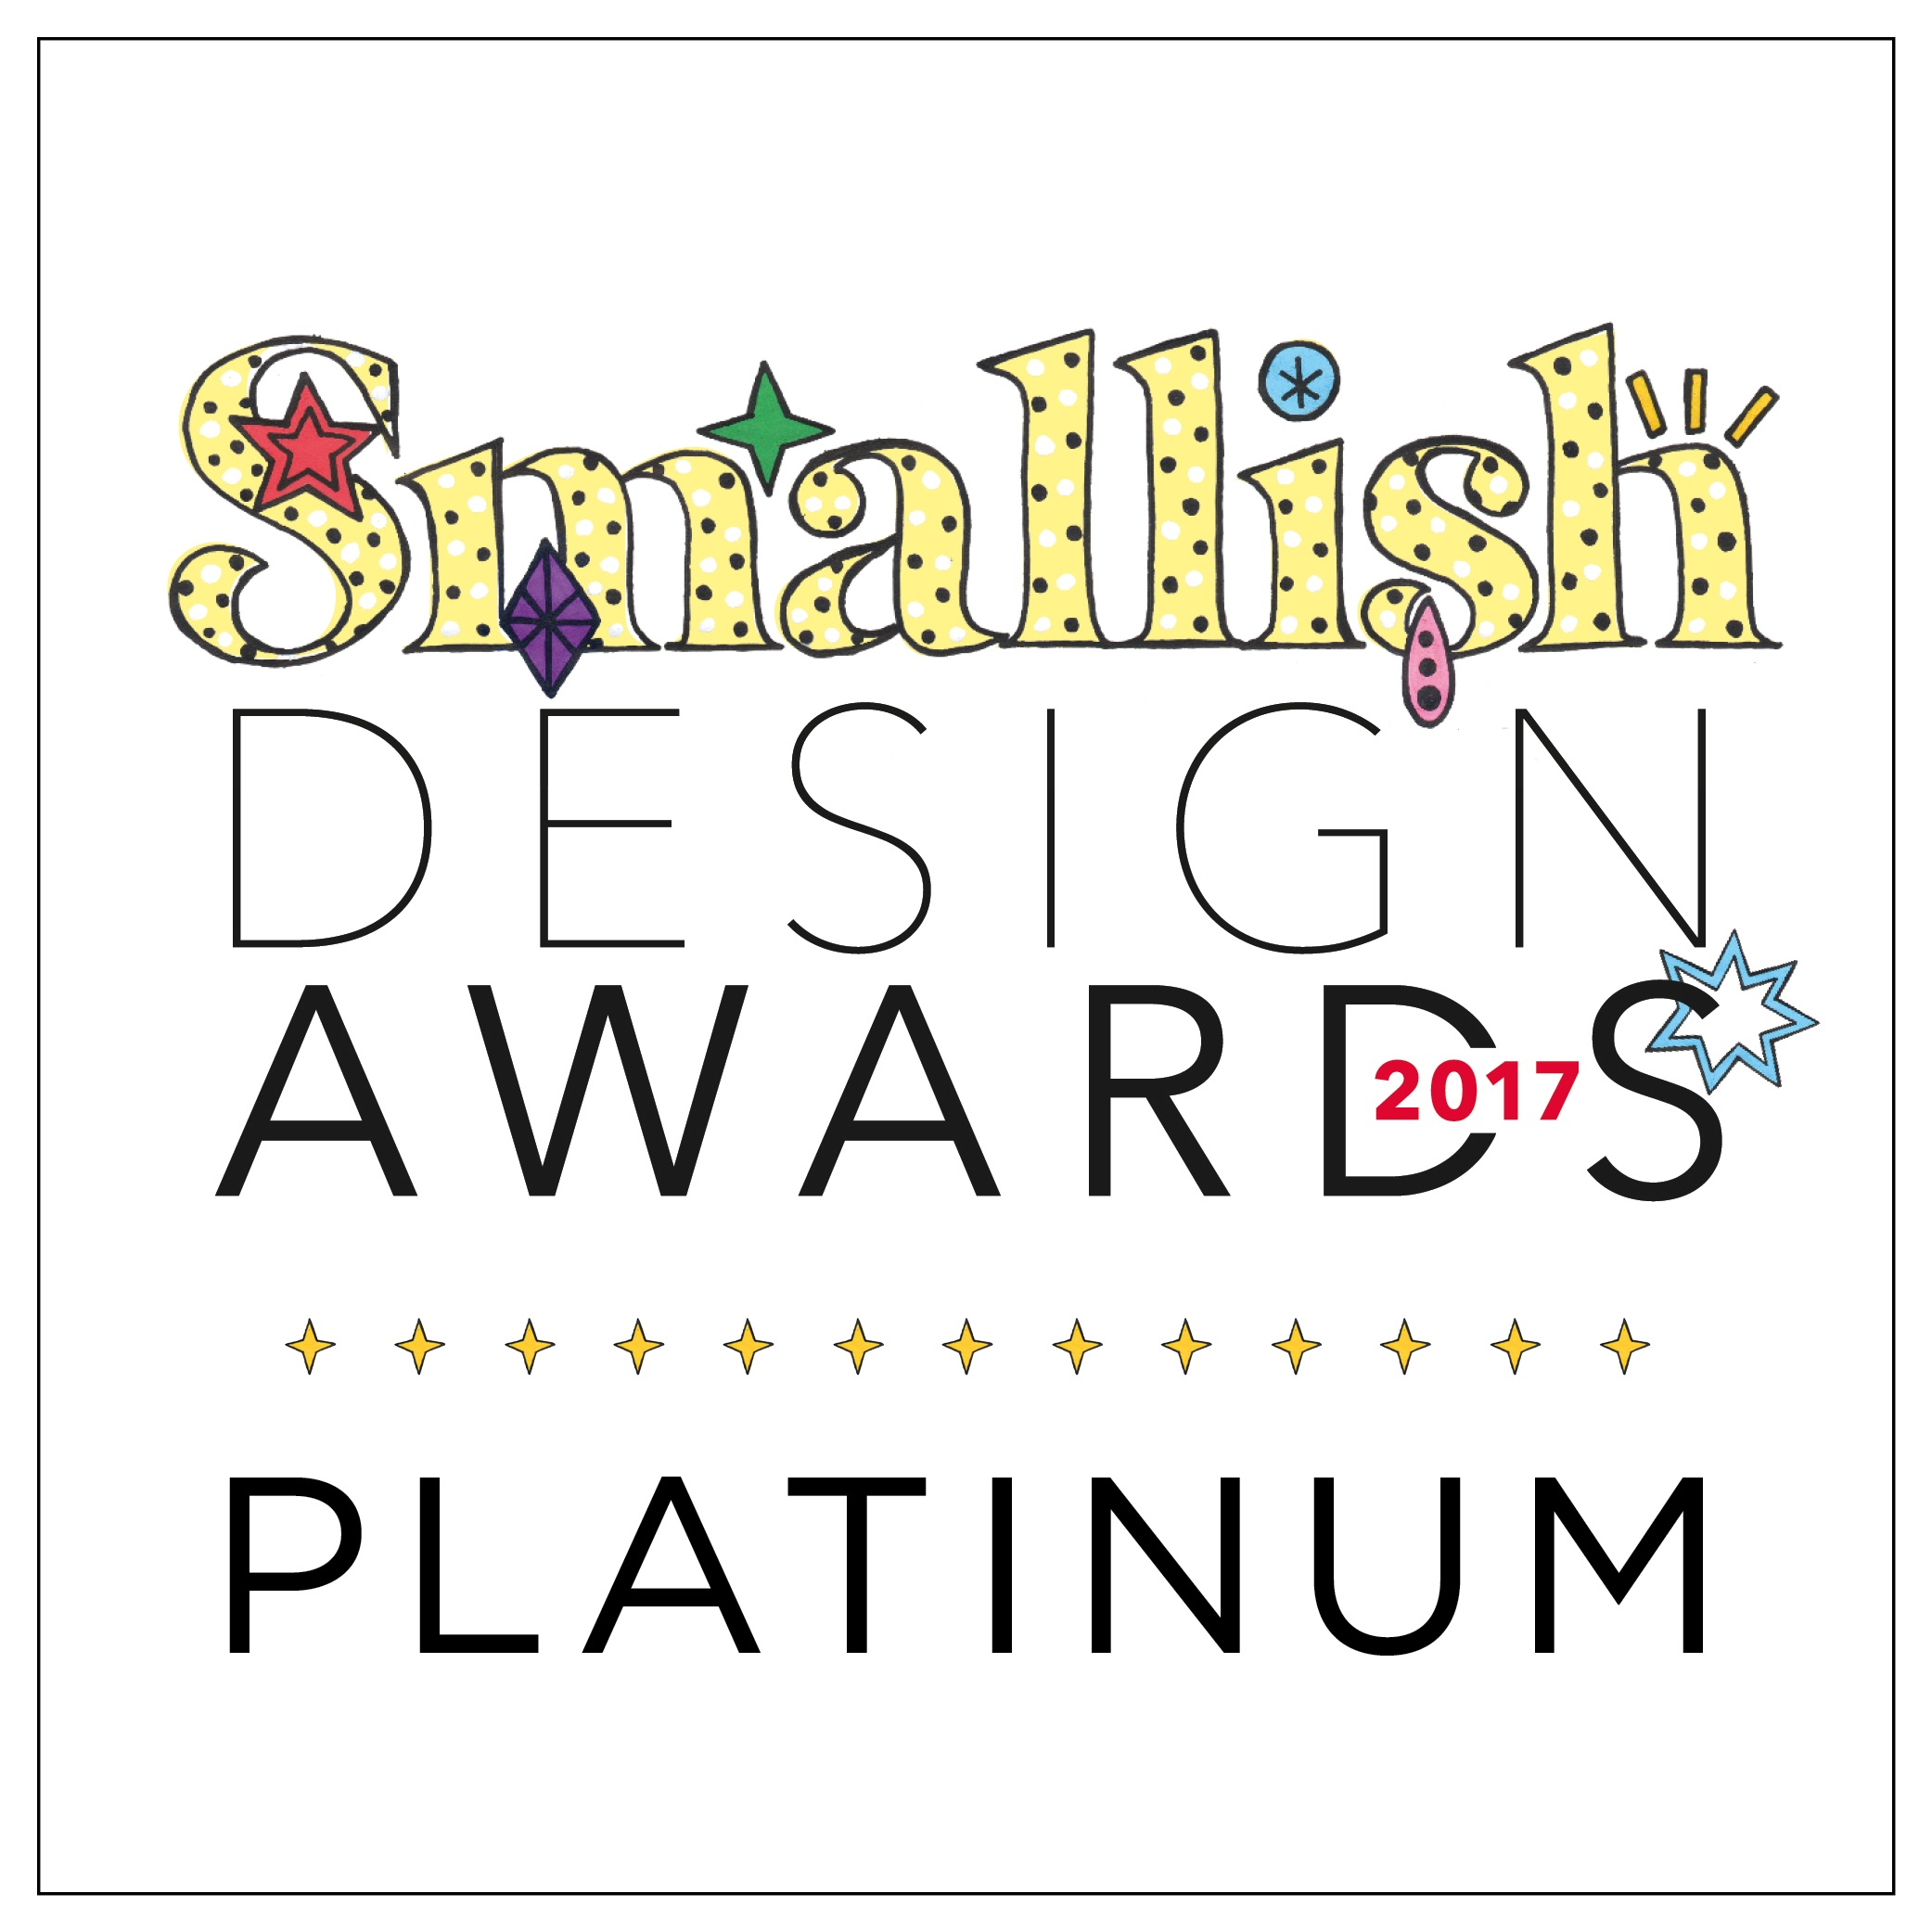 Smallish Awards - Platinum.jpg